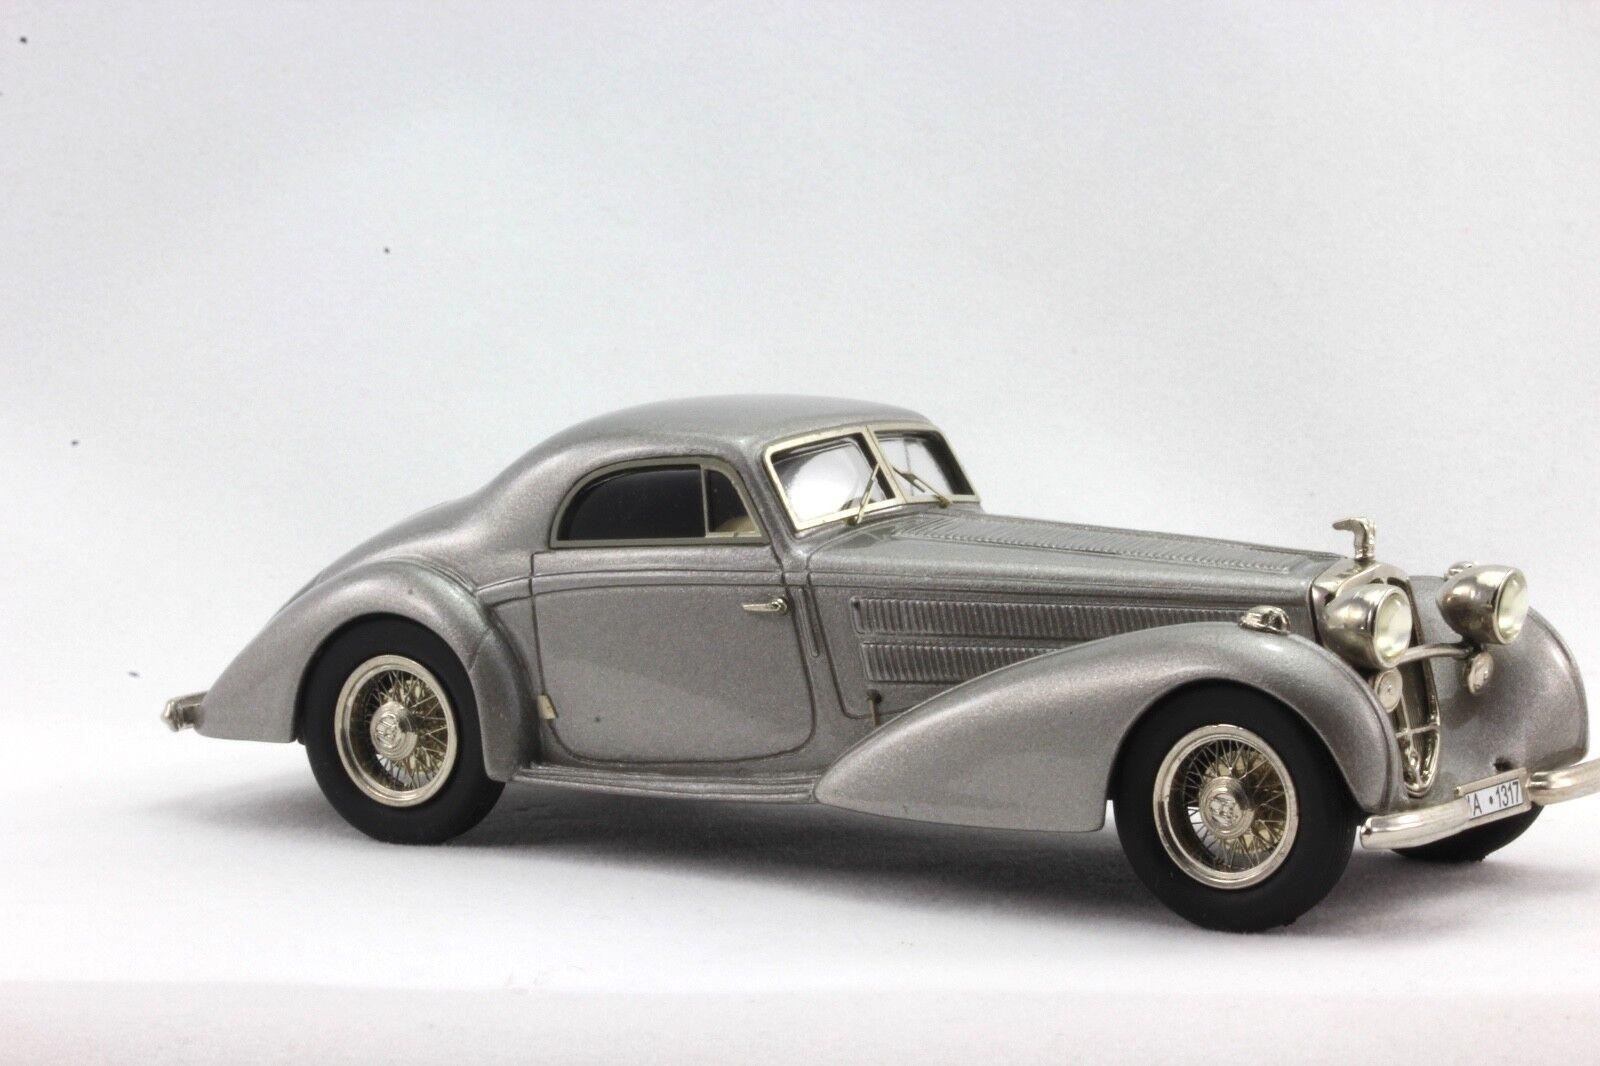 Horch 853a COUPE Manuela 1937 Erdmann & Rossi Bernd ROSE Meyer TIN WIZARD tw323-1